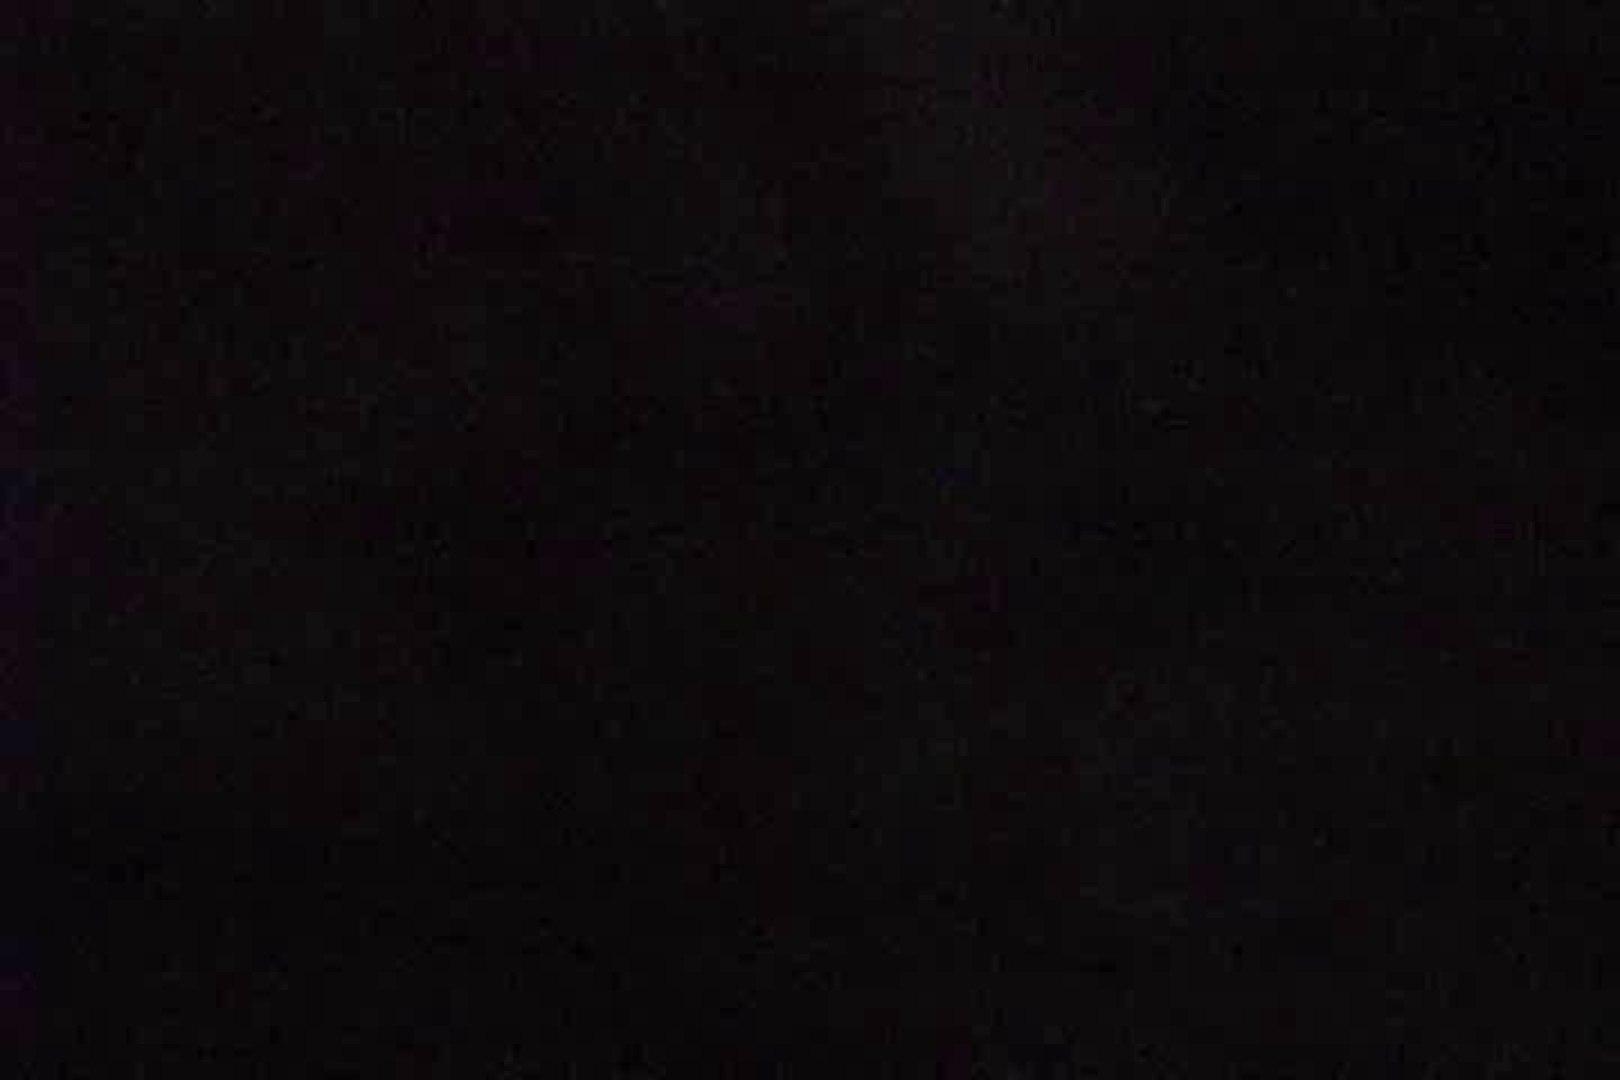 深夜の撮影会Vol.3 接写 のぞき動画画像 53画像 23